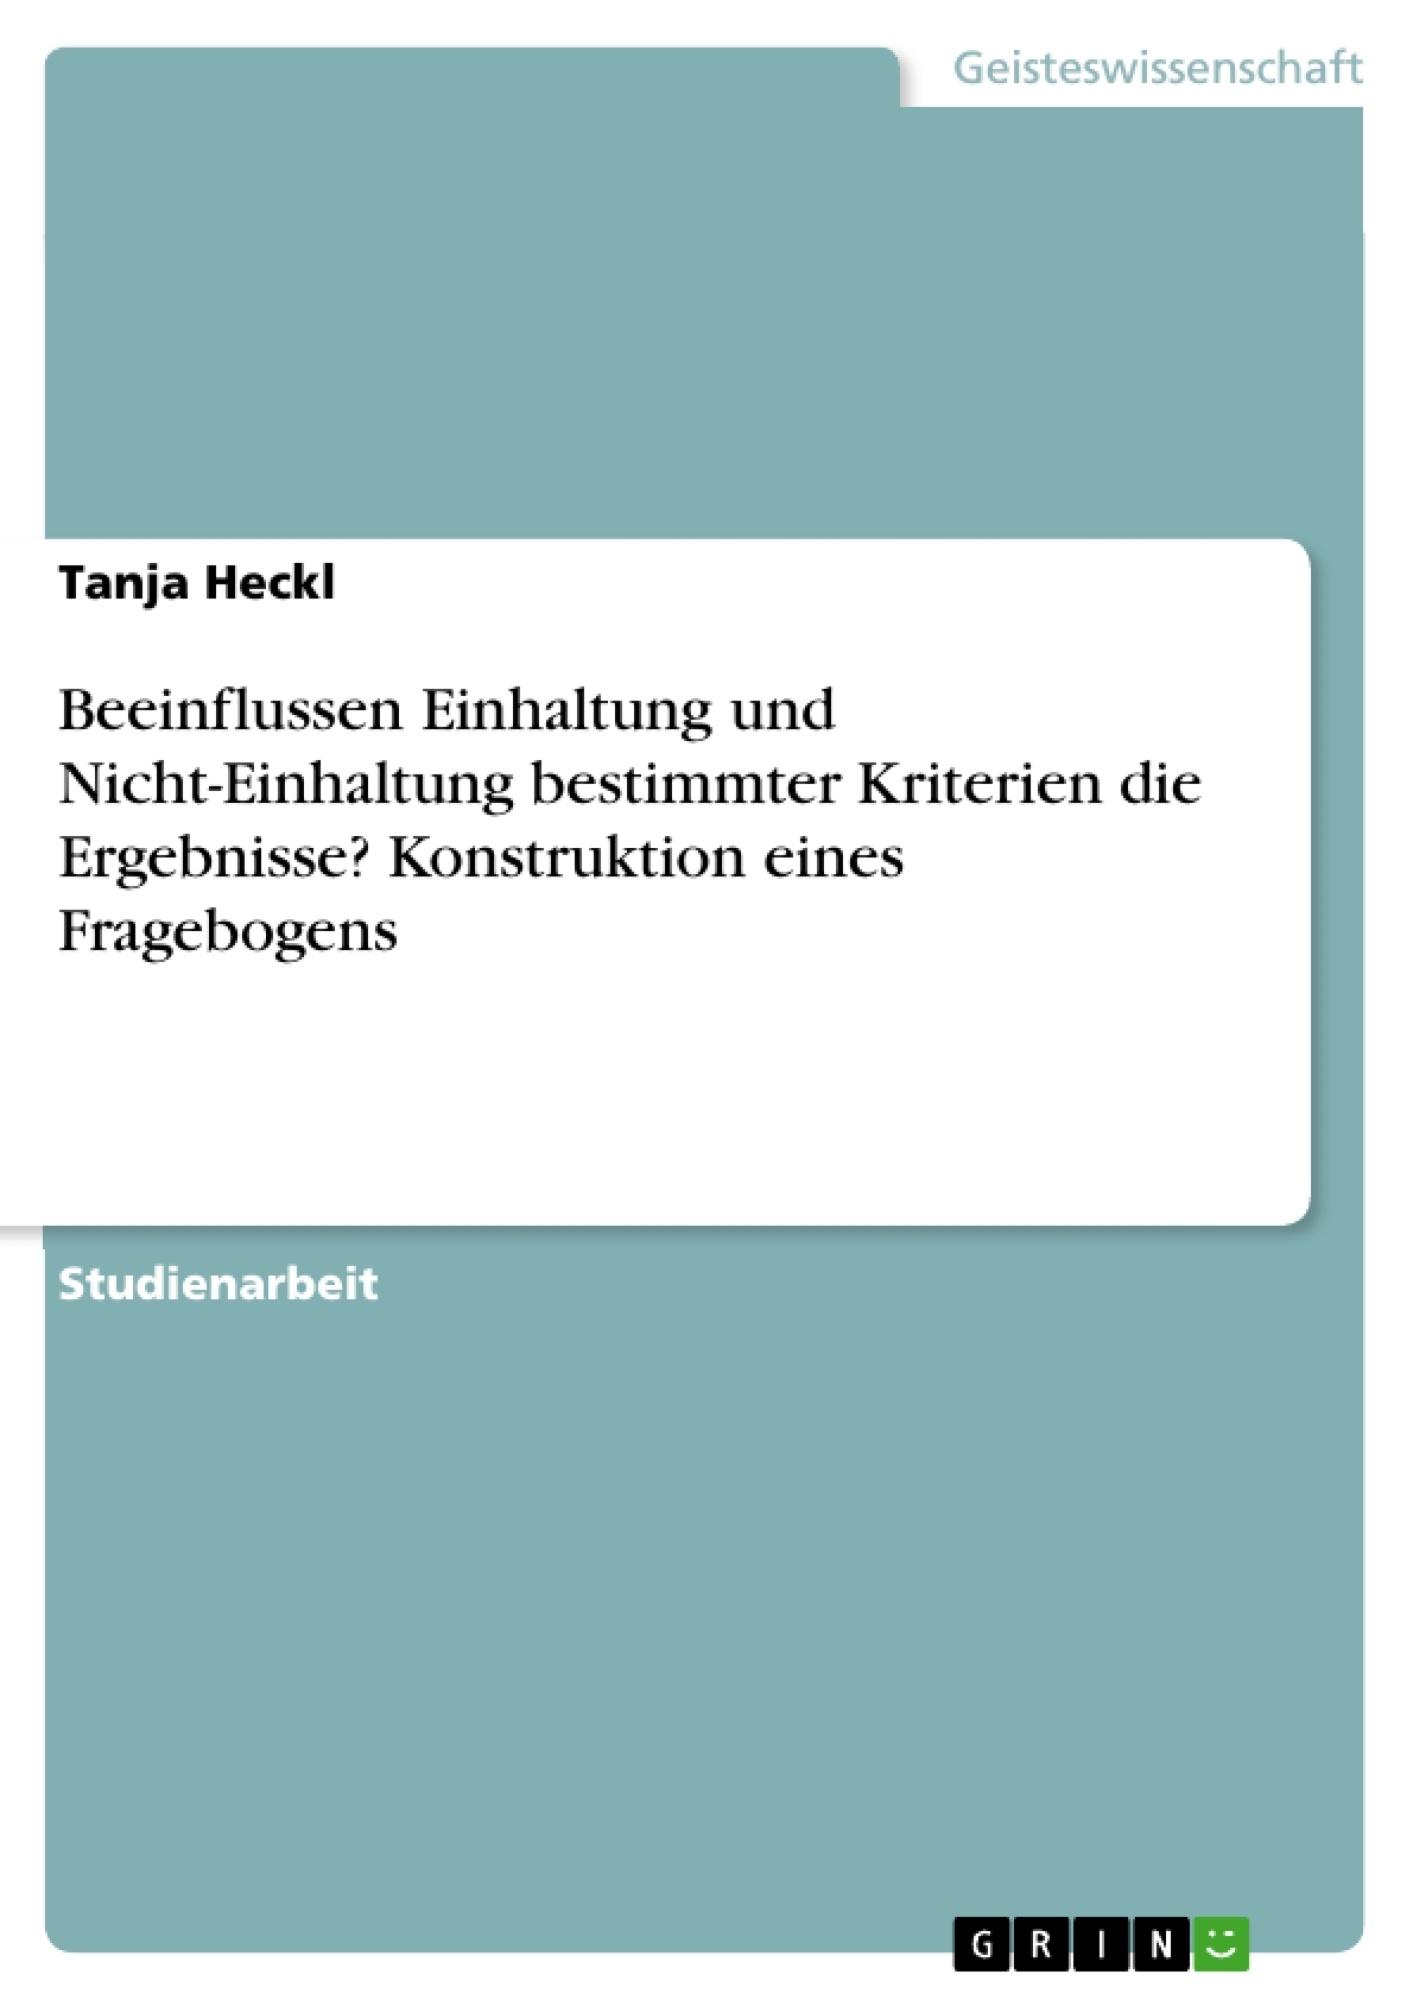 Titel: Beeinflussen Einhaltung und Nicht-Einhaltung bestimmter Kriterien die Ergebnisse? Konstruktion eines Fragebogens